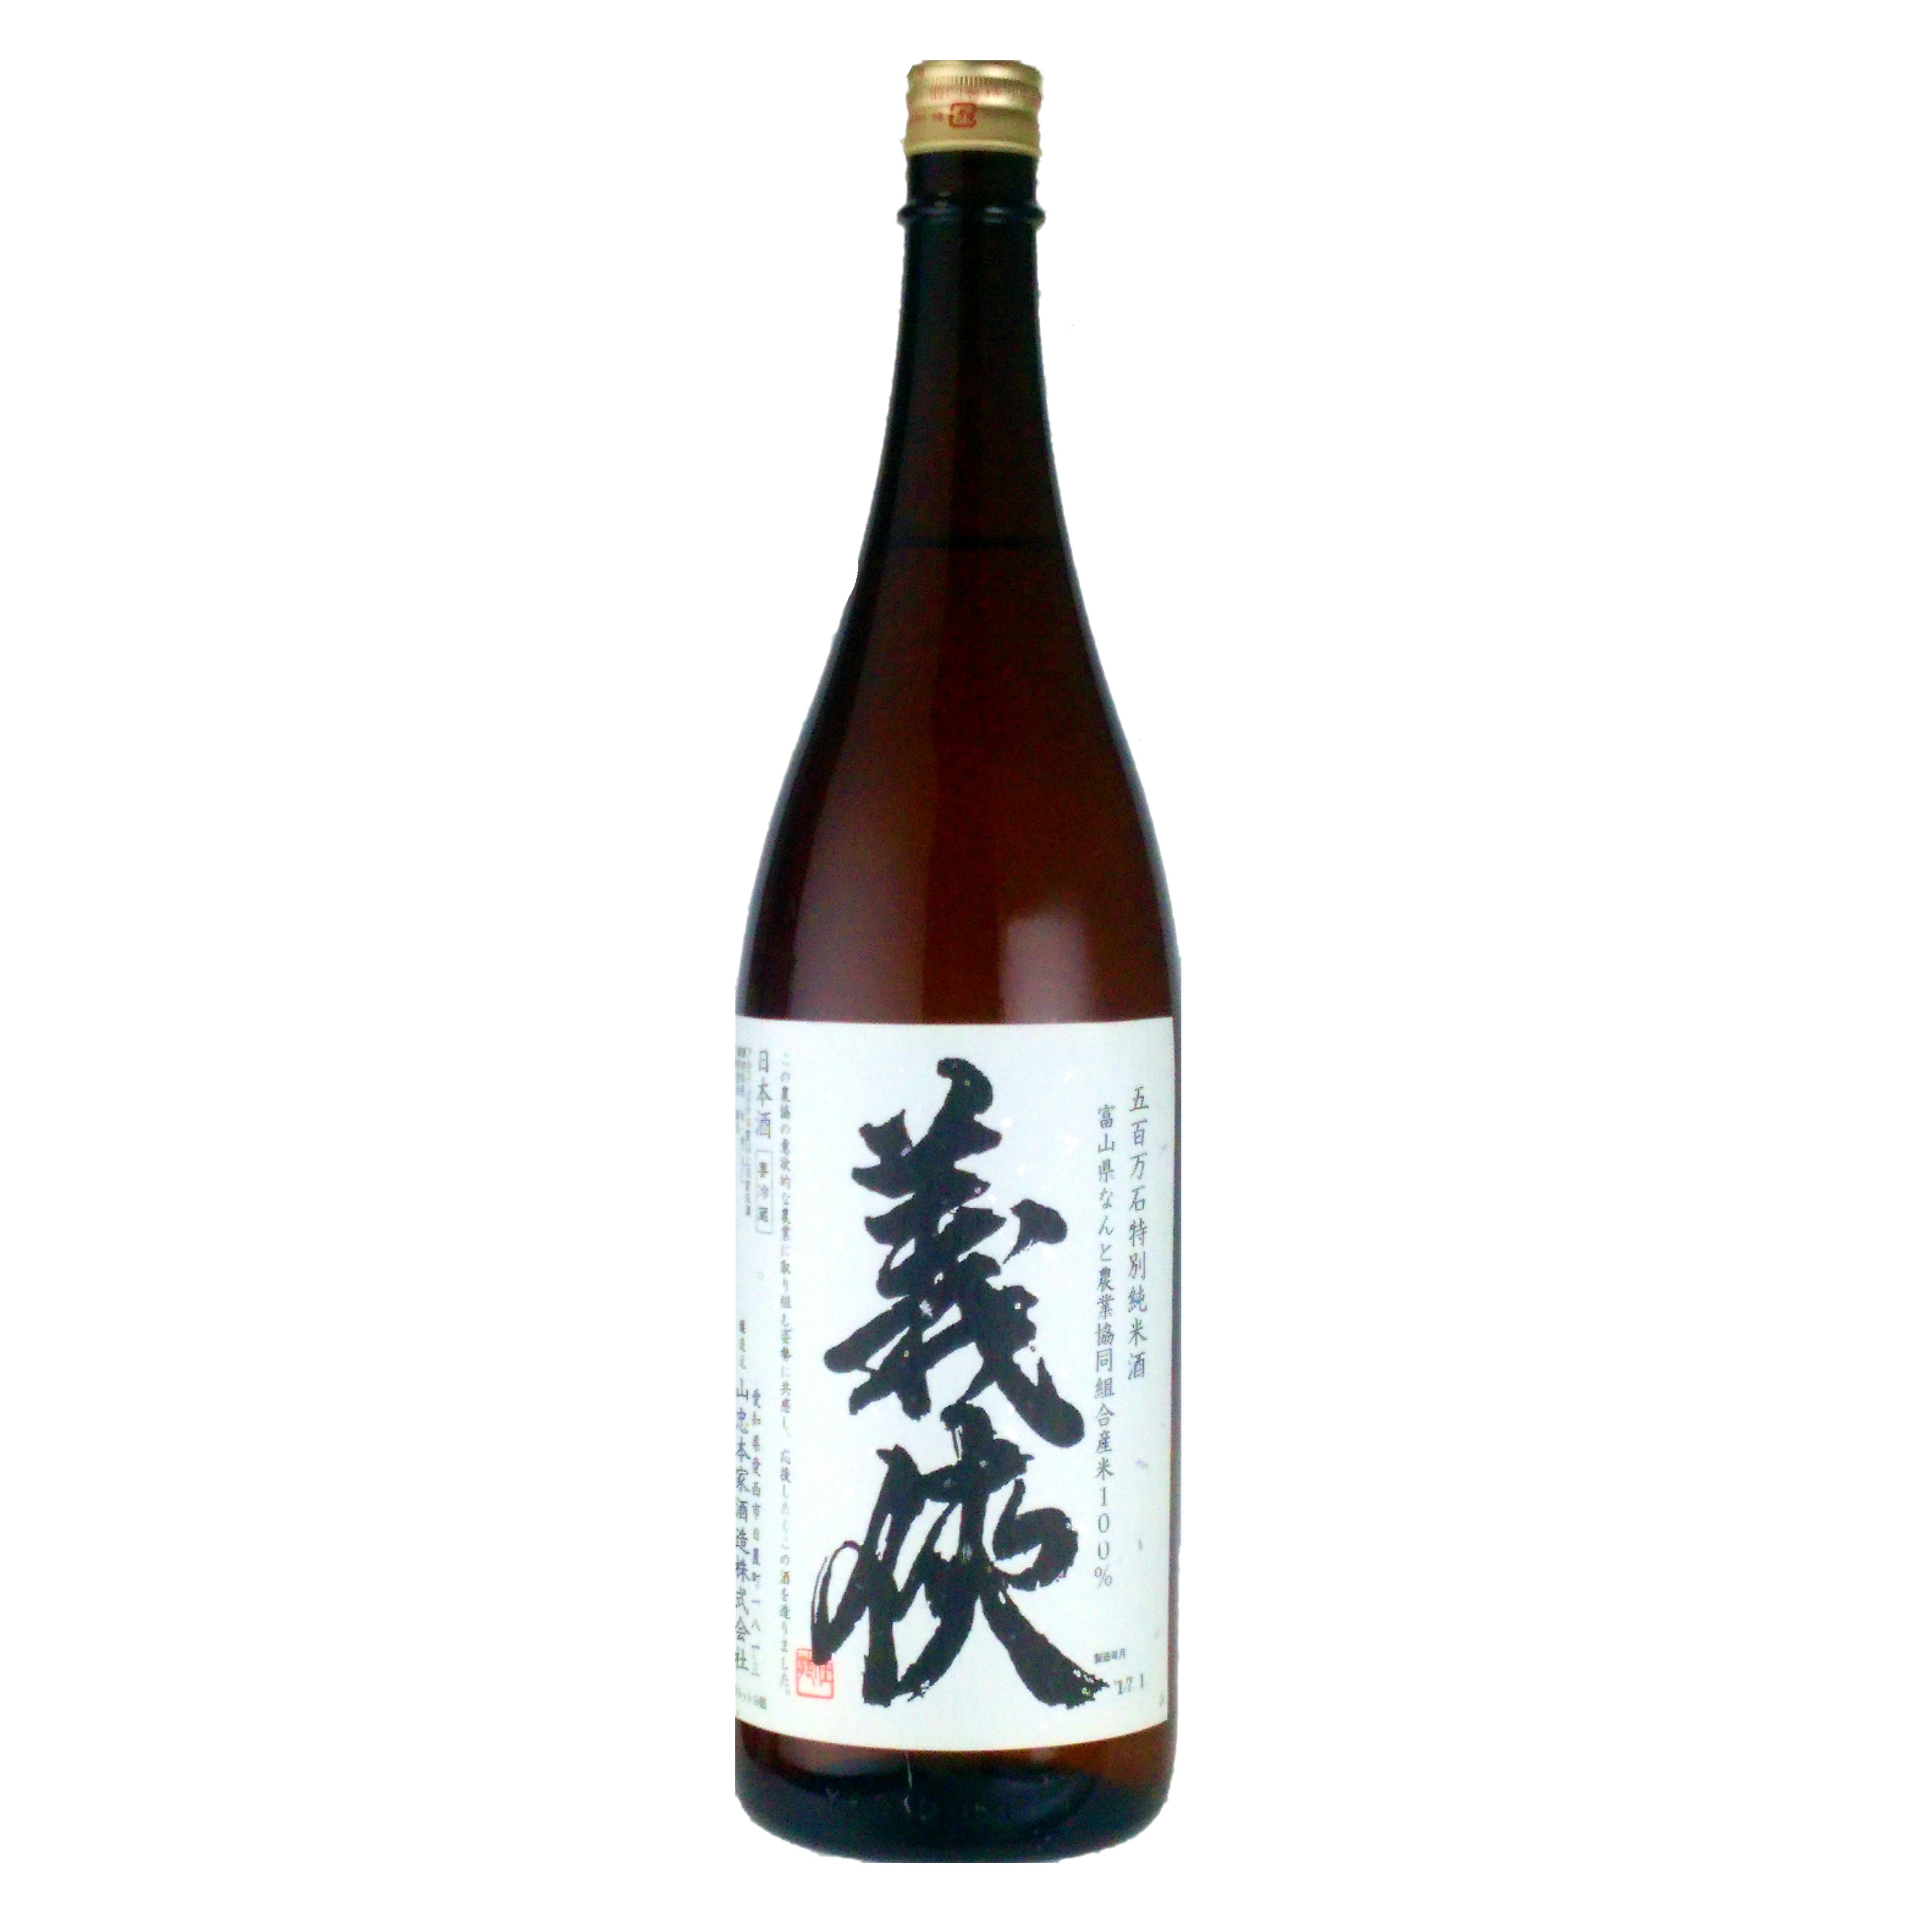 義侠 五百万石 特別純米酒 1800ml